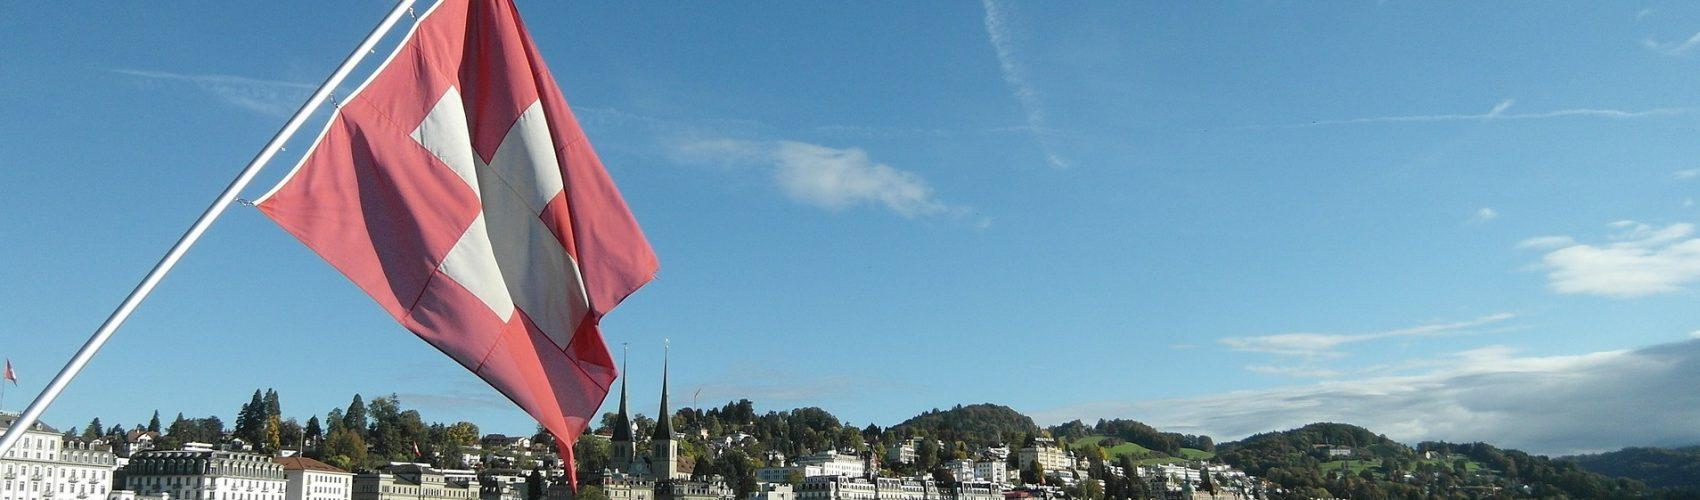 Lucerne-Lake Lucerne Region- Swiss Flag-beskåret